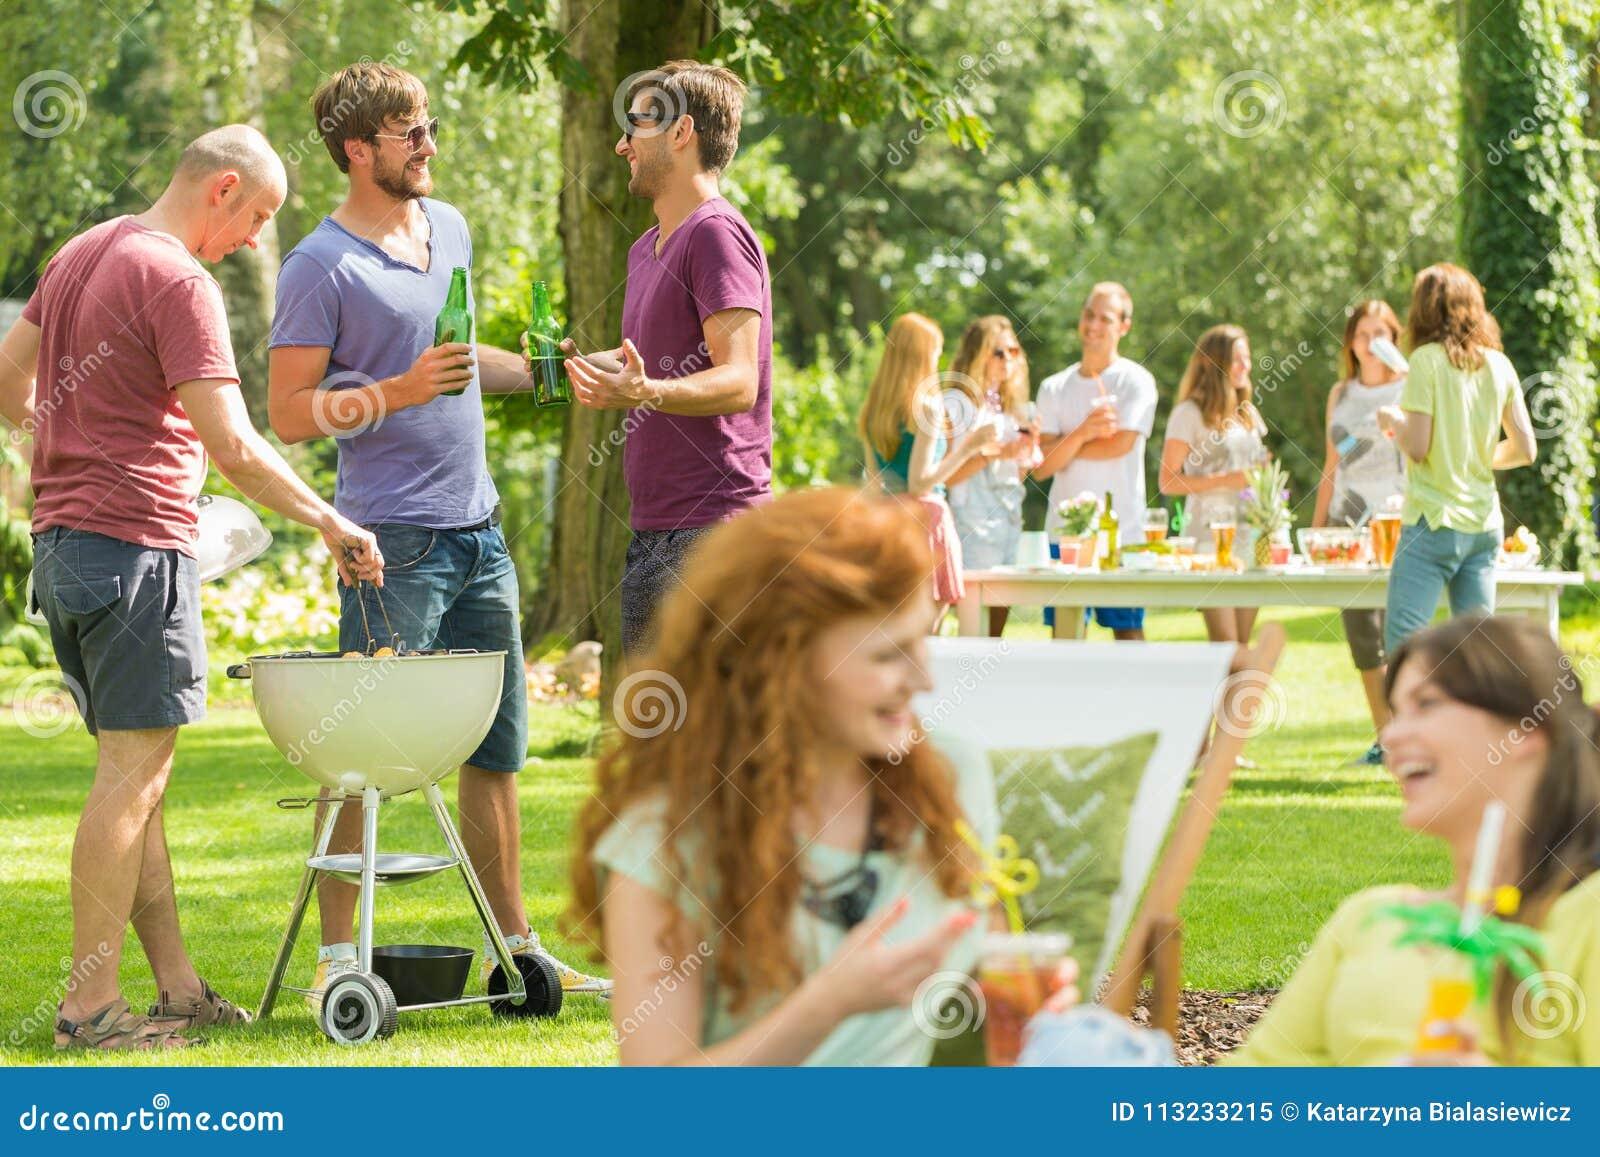 Гриль и смех друзей в парке